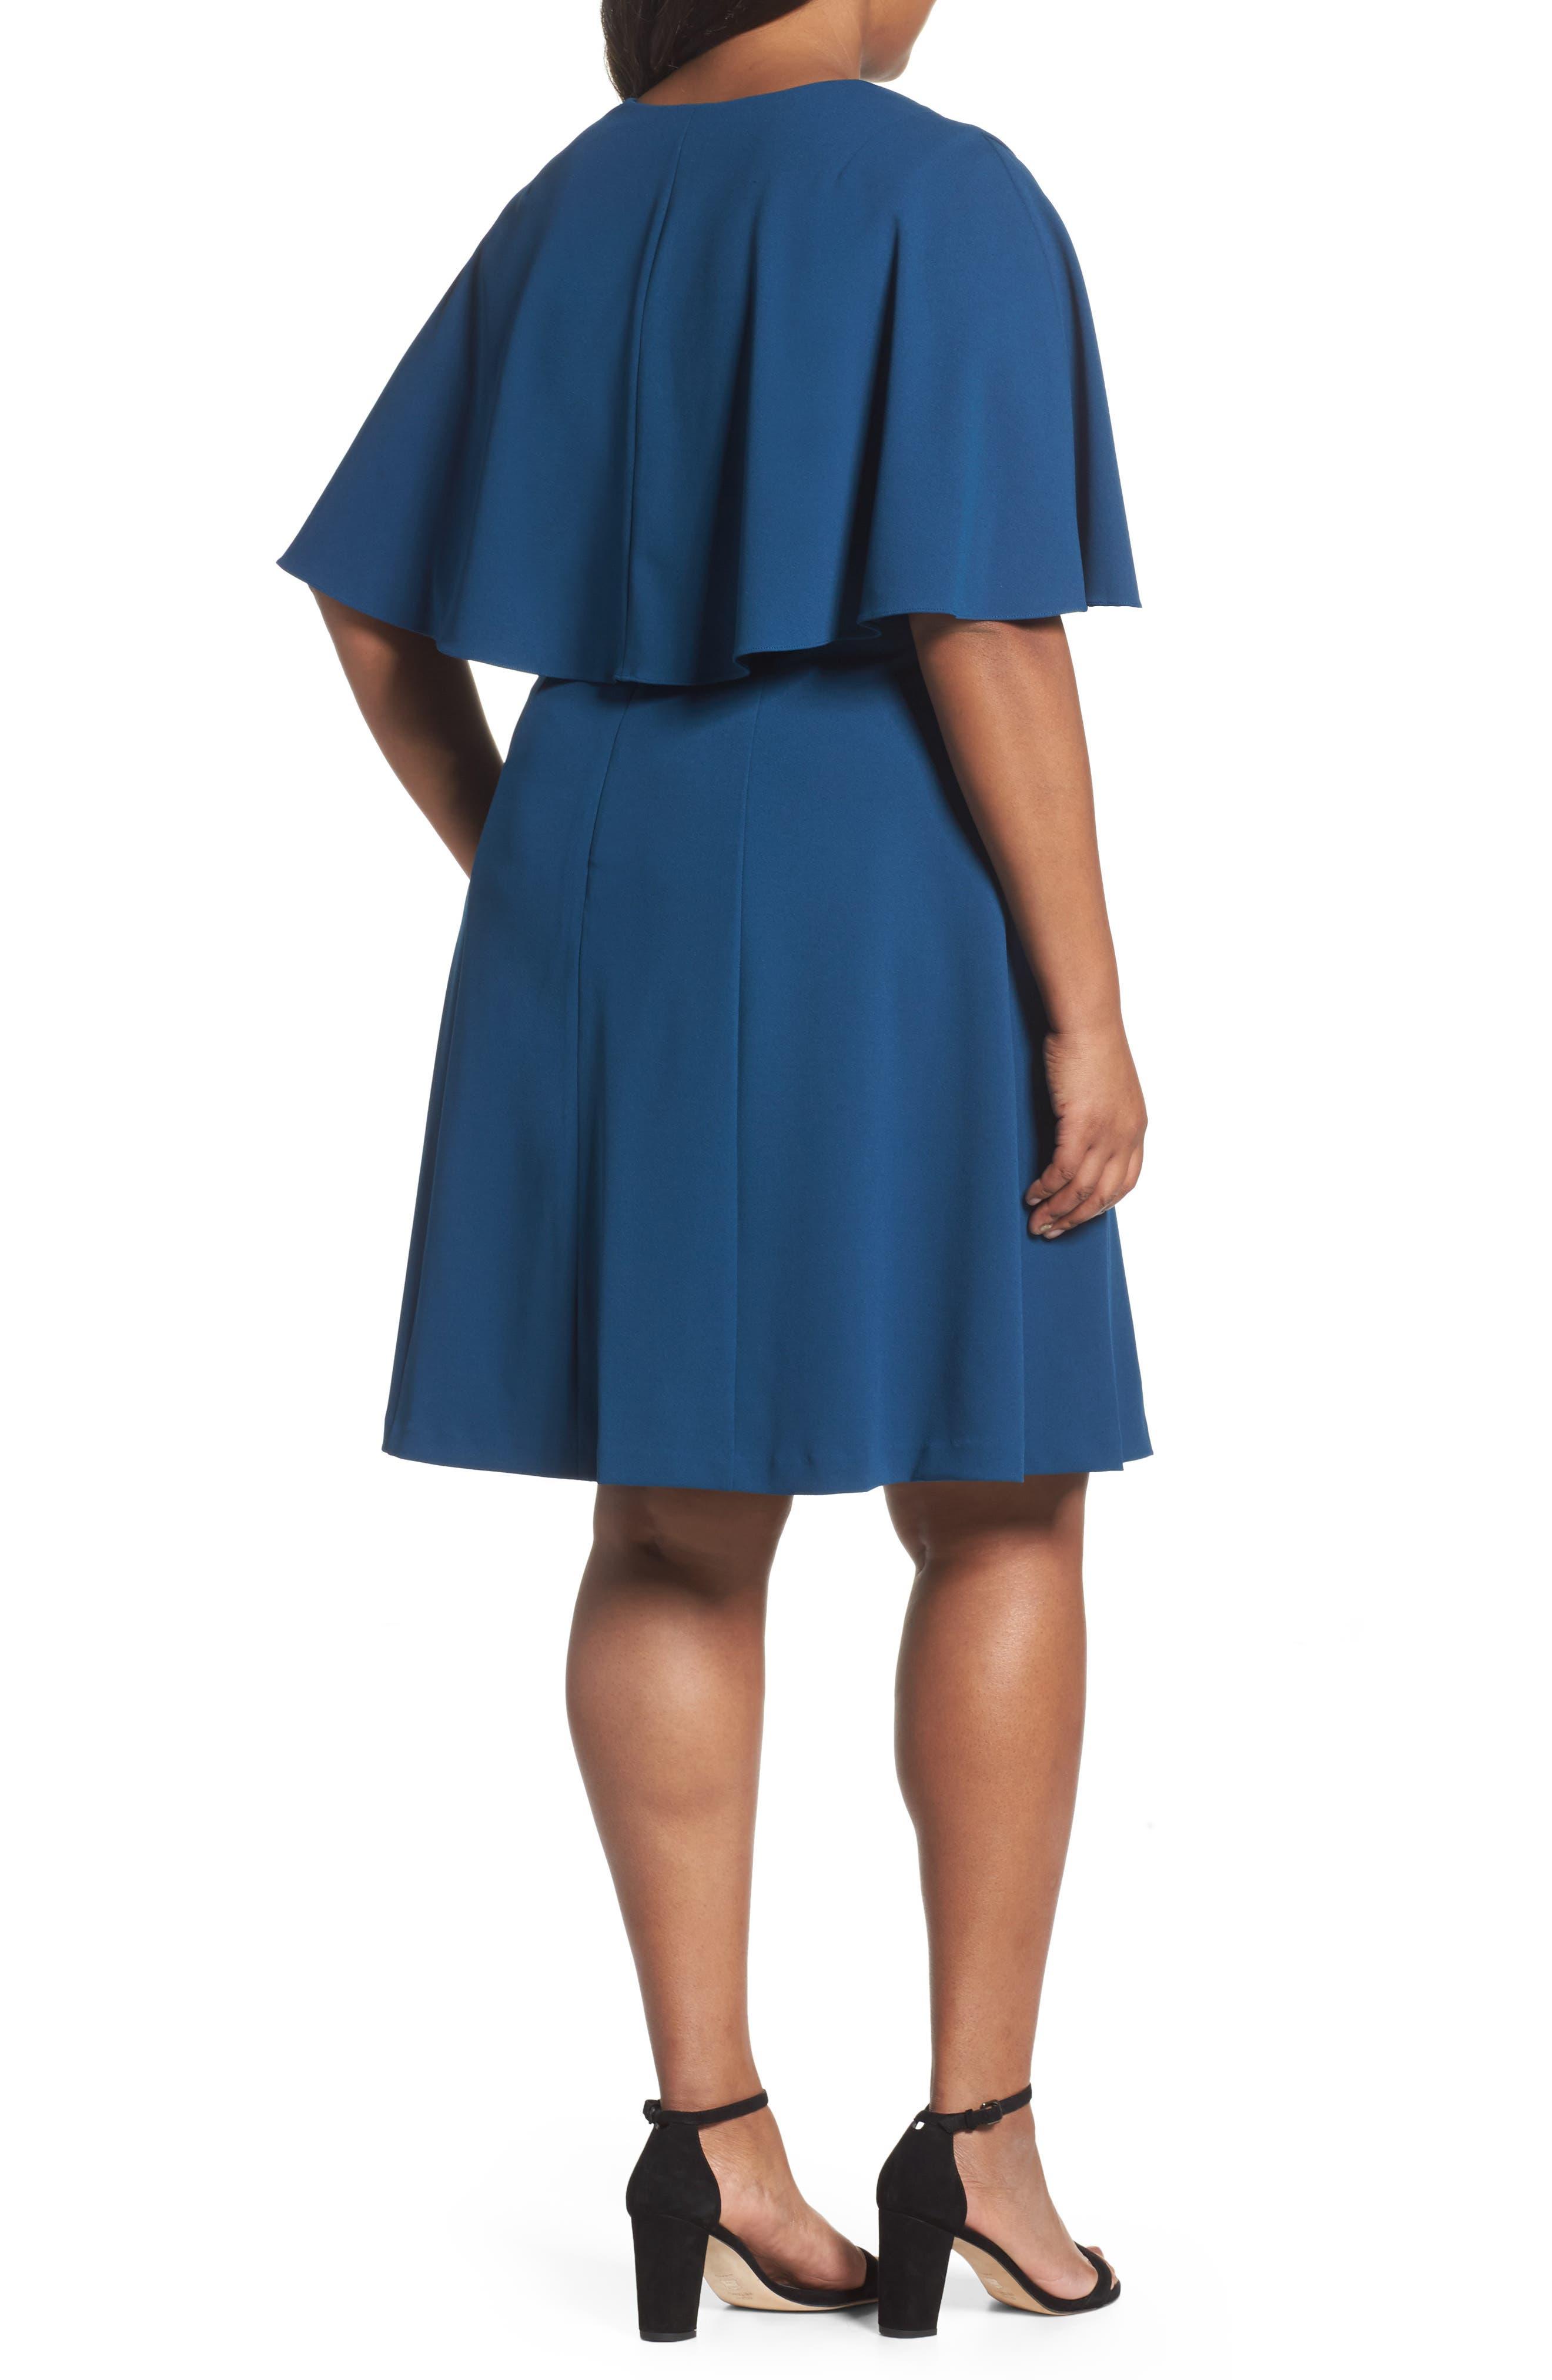 Capelet A-Line Dress,                             Alternate thumbnail 2, color,                             471